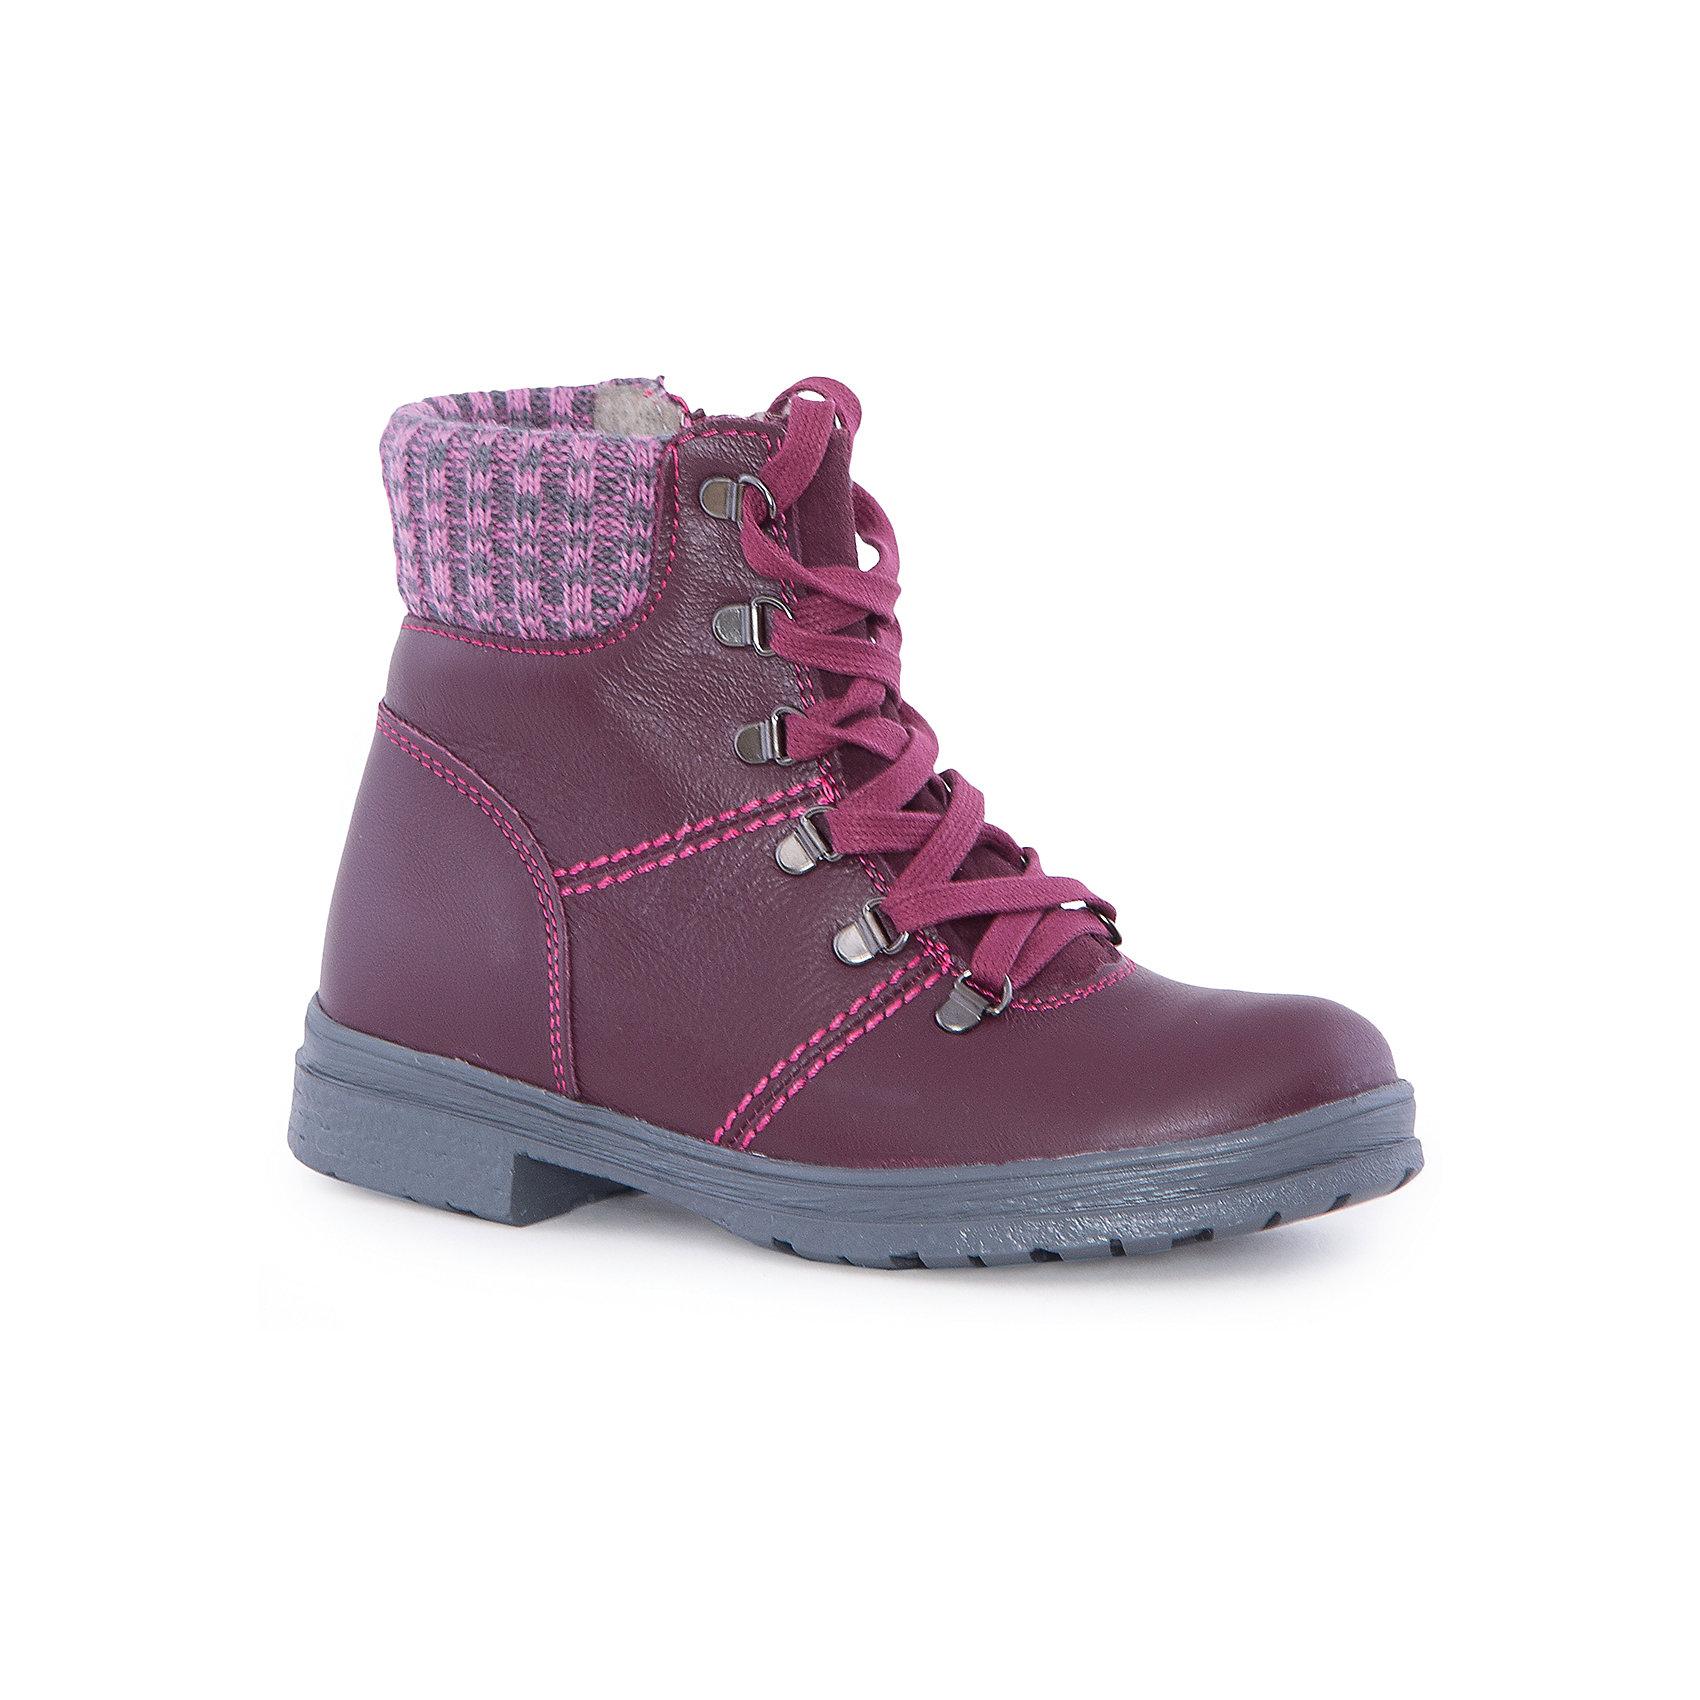 Ботинки для девочки КотофейБотинки для девочки Котофей.<br><br>Характеристики:<br><br>- Внешний материал: натуральная кожа<br>- Внутренний материал: байка<br>- Стелька: байка<br>- Подошва: ТЭП<br>- Тип застежки: молния, шнуровка<br>- Вид крепления обуви: клеевой<br>- Температурный режим до -10С<br>- Цвет: бордовый<br>- Сезон: весна, осень<br>- Пол: для девочек<br><br>Стильные ботинки для девочки торговой марки Котофей - идеальная обувь для межсезонья. Верх – дышащая натуральная кожа с гидрофобными свойствами. Подкладка – утеплённая, из полушерстяной байки. Мягкий трикотажный манжет создаёт комфорт при ходьбе и предотвращает натирание ножки ребенка. Подошва с каблучком выполнена из термоэластопласта – легкого, прочного материала, обладающего отличным амортизирующим эффектом и не теряющего своих свойств при понижении температур. Застежки – комбинированные: имеются как шнурки, обеспечивающие идеальную фиксацию обуви на стопе, так и «молния» для более быстрого и лёгкого обувания и снимания обуви. Дизайн ботинок соответствует последним европейским тенденциям и придаёт этой модели эффектный внешний вид. Детская обувь «Котофей» качественна, красива, добротна, комфортна и долговечна. Она производится на Егорьевской обувной фабрике. Жесткий контроль производства и постоянное совершенствование технологий при многолетнем опыте позволяют считать компанию одним из лидеров среди отечественных производителей детской обуви.<br><br>Ботинки для девочки Котофей можно купить в нашем интернет-магазине.<br><br>Ширина мм: 262<br>Глубина мм: 176<br>Высота мм: 97<br>Вес г: 427<br>Цвет: бордовый<br>Возраст от месяцев: 96<br>Возраст до месяцев: 108<br>Пол: Женский<br>Возраст: Детский<br>Размер: 32,35,30,31,33,34<br>SKU: 5023970